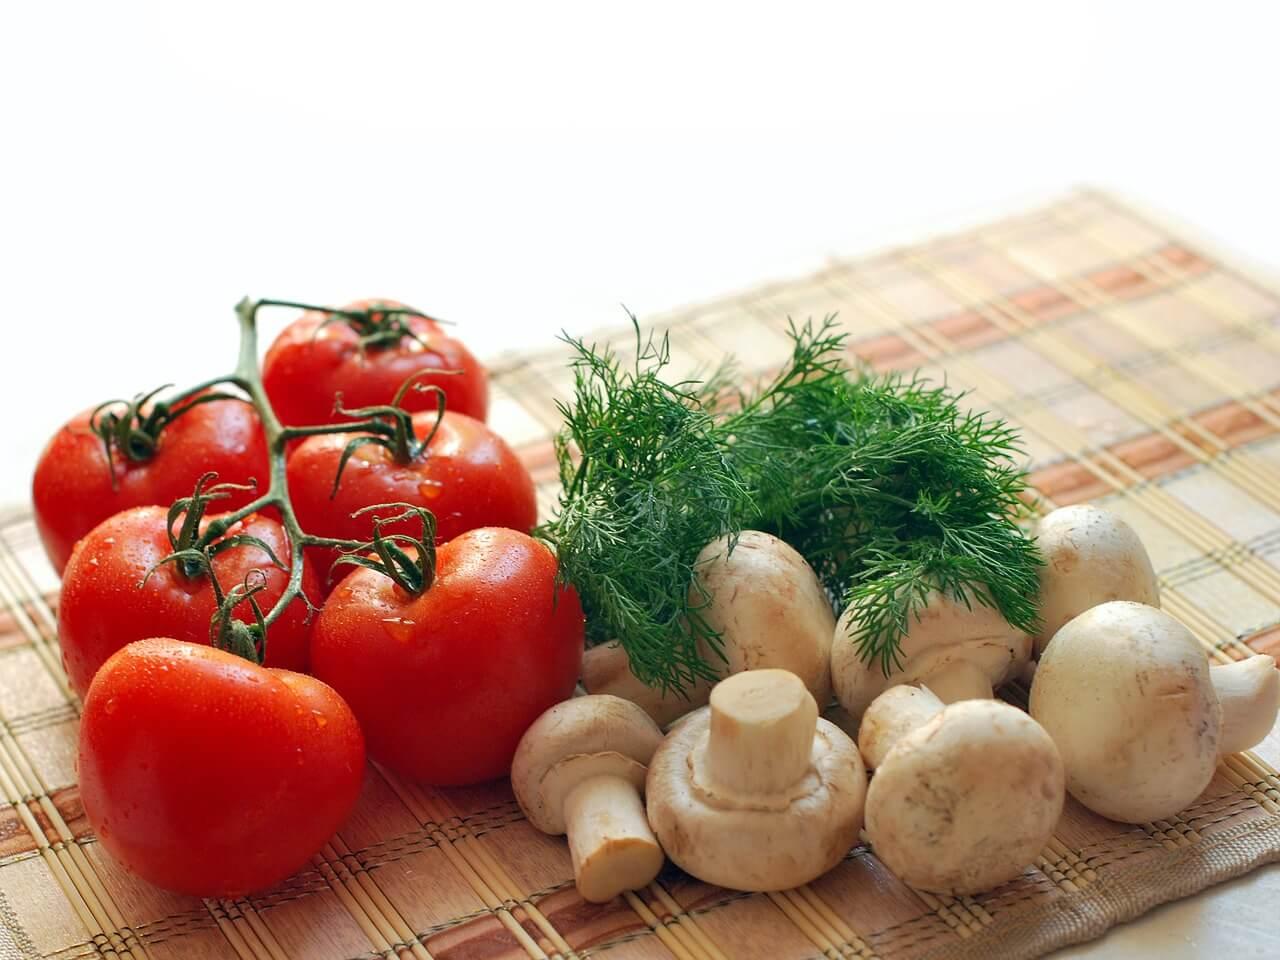 грибы и помидор томаты с зеленью овощи